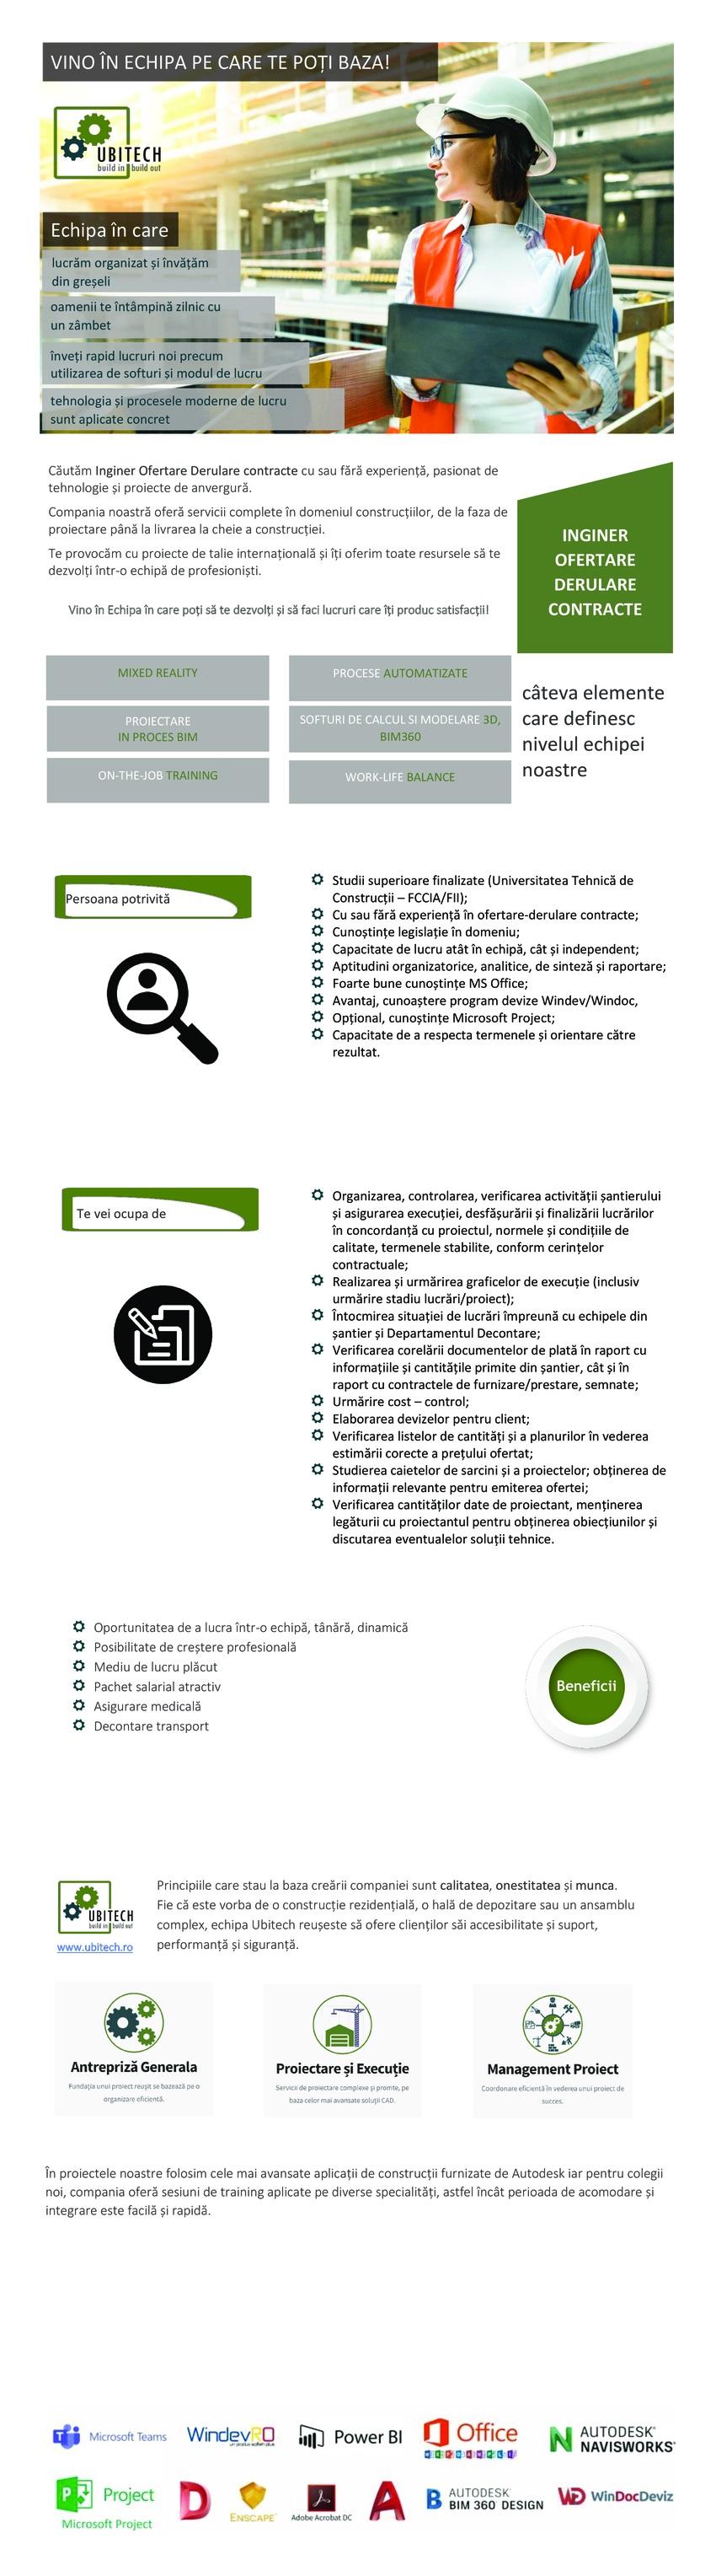 Inginer Ofertare - Derulare contracte Constructii